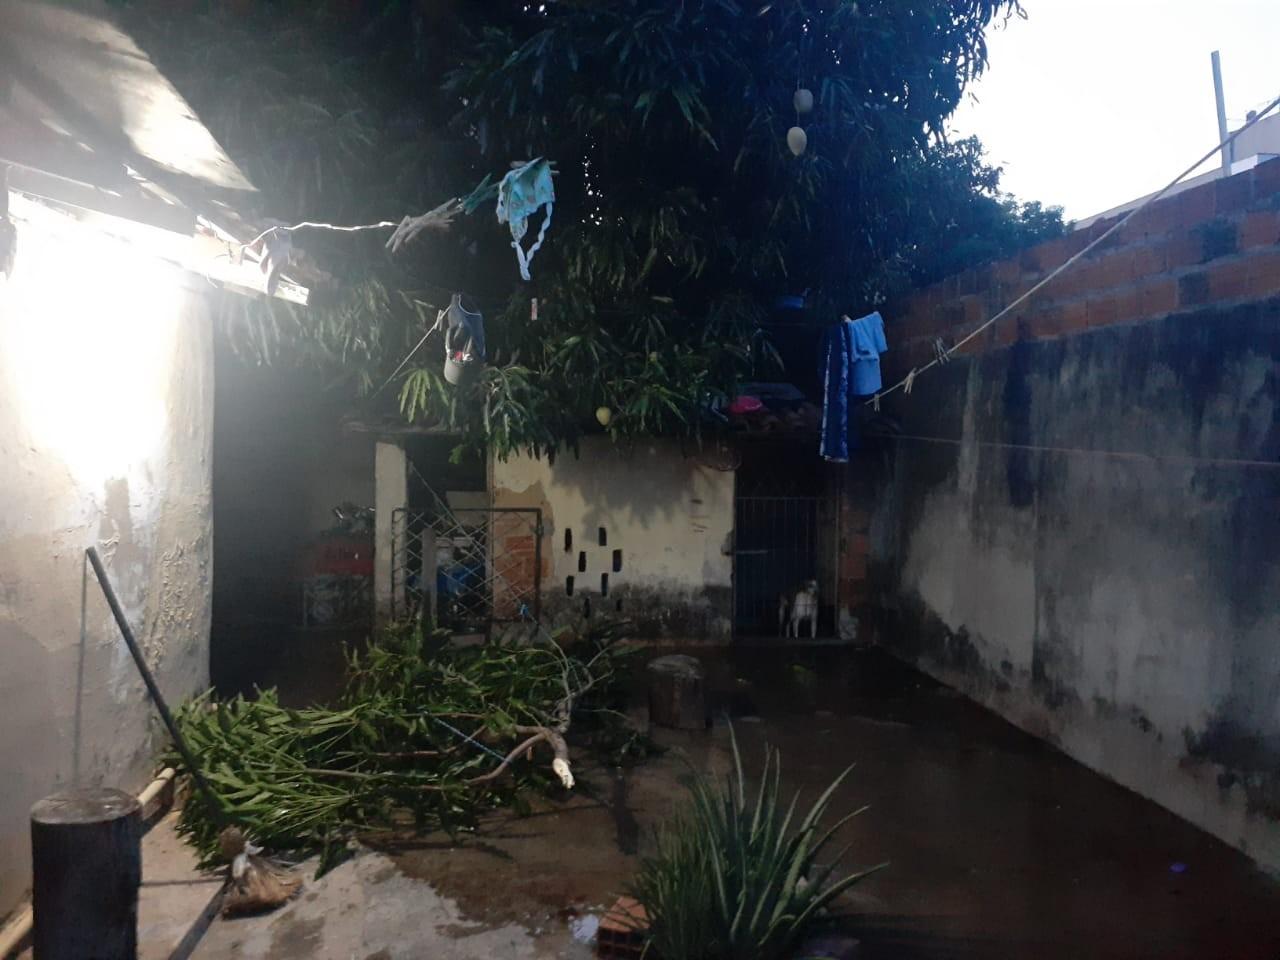 Homem morre após cair de árvore em quintal de residência na Zona Leste de Teresina